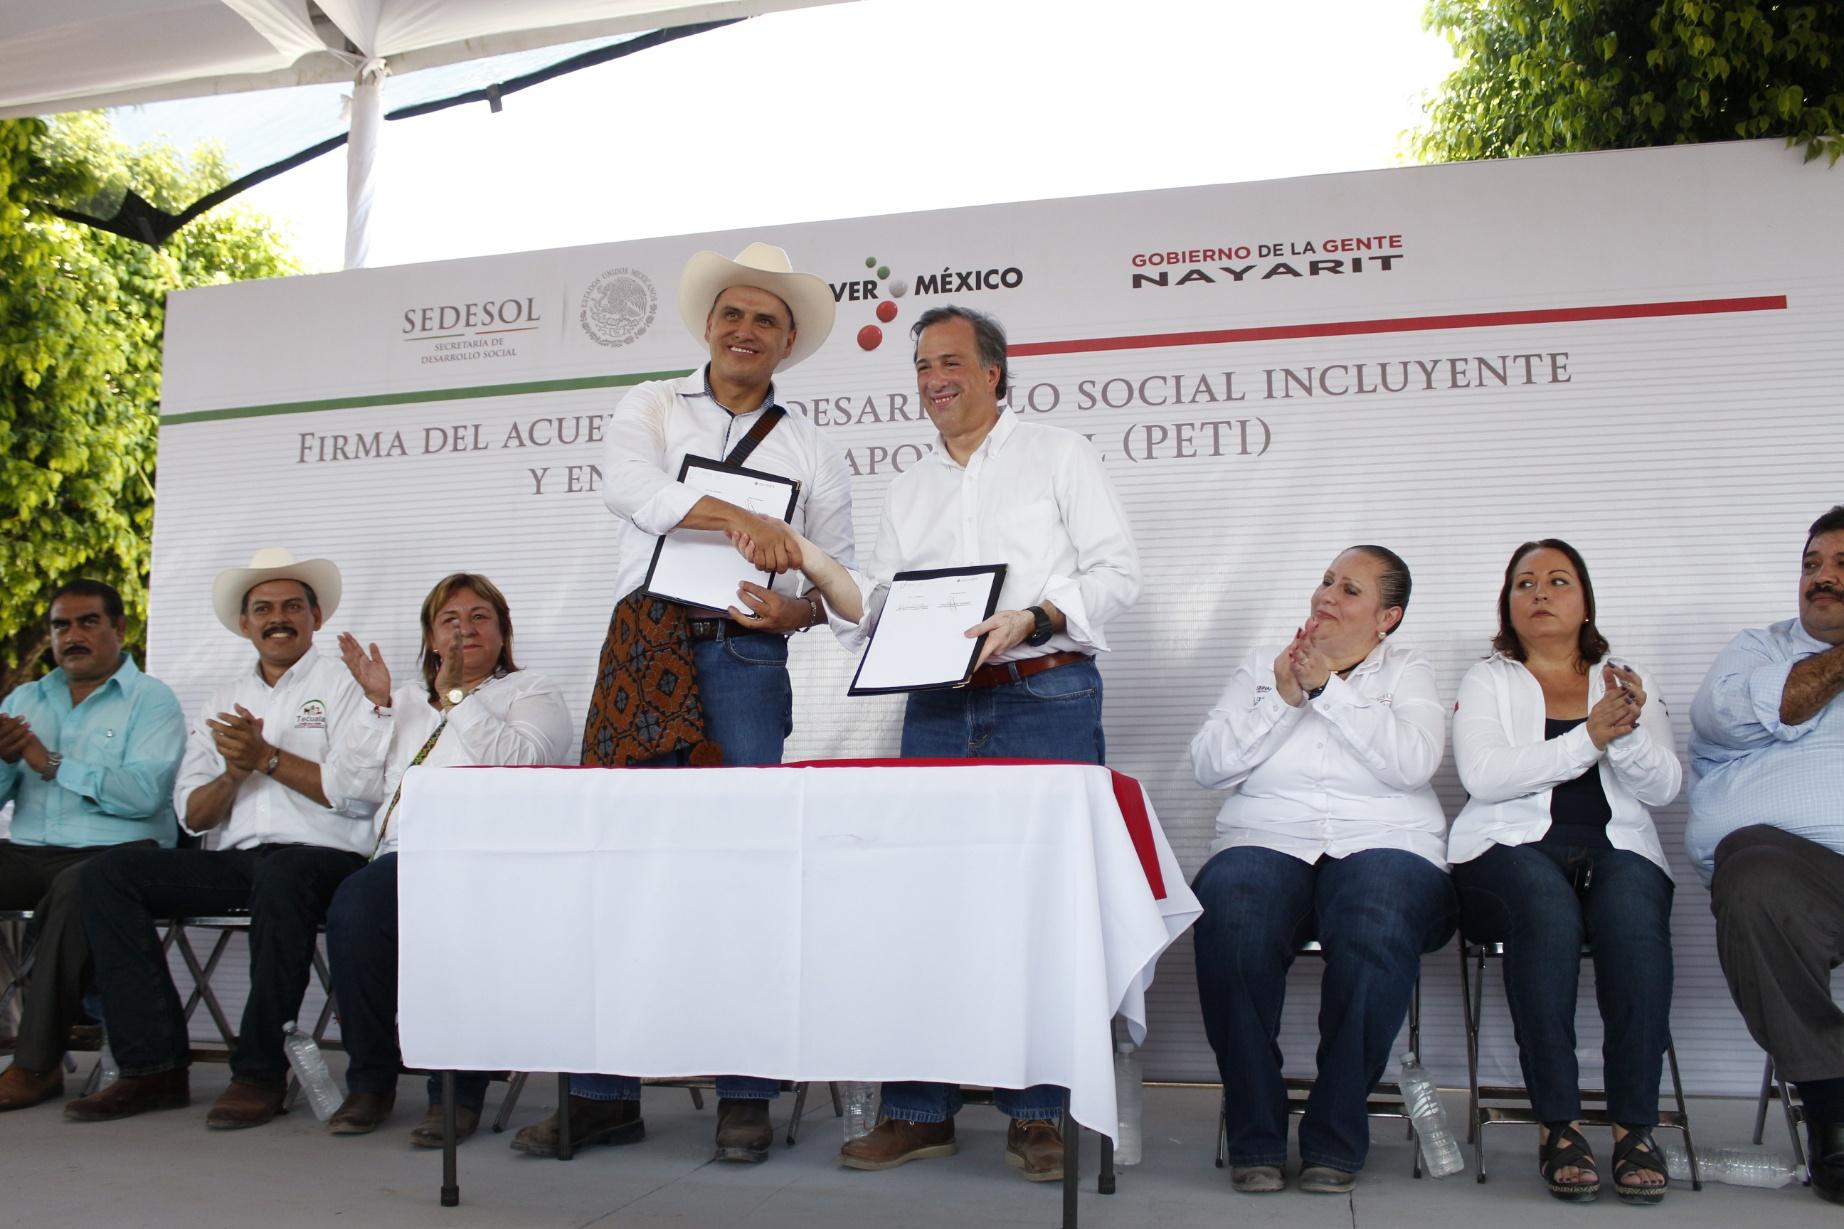 José Antonio Meade en el marco de la entrega de televisiones y recorrido por la feria de programas sociales en Tecuala, Nayarit